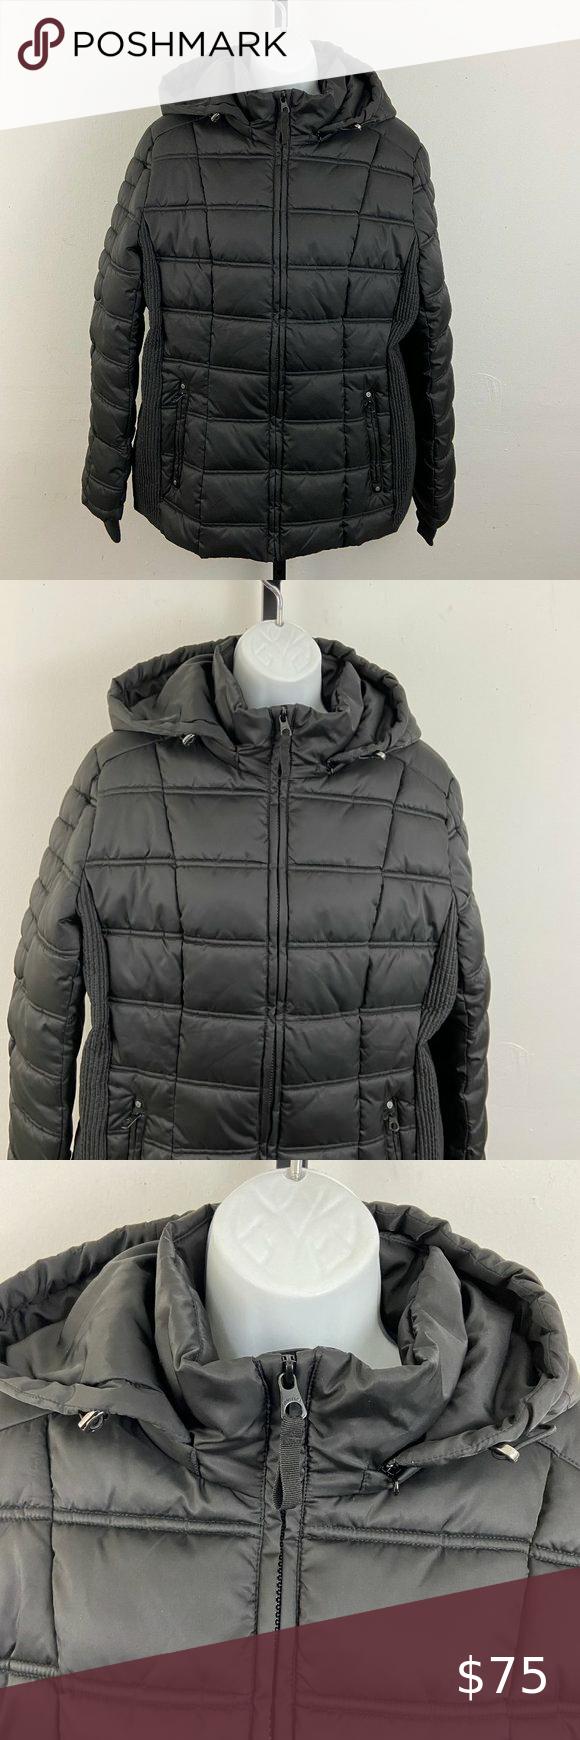 Nautica Black Water Resistant Puffer Coat Jacket Puffer Coat Jacket Brands Jackets [ 1740 x 580 Pixel ]